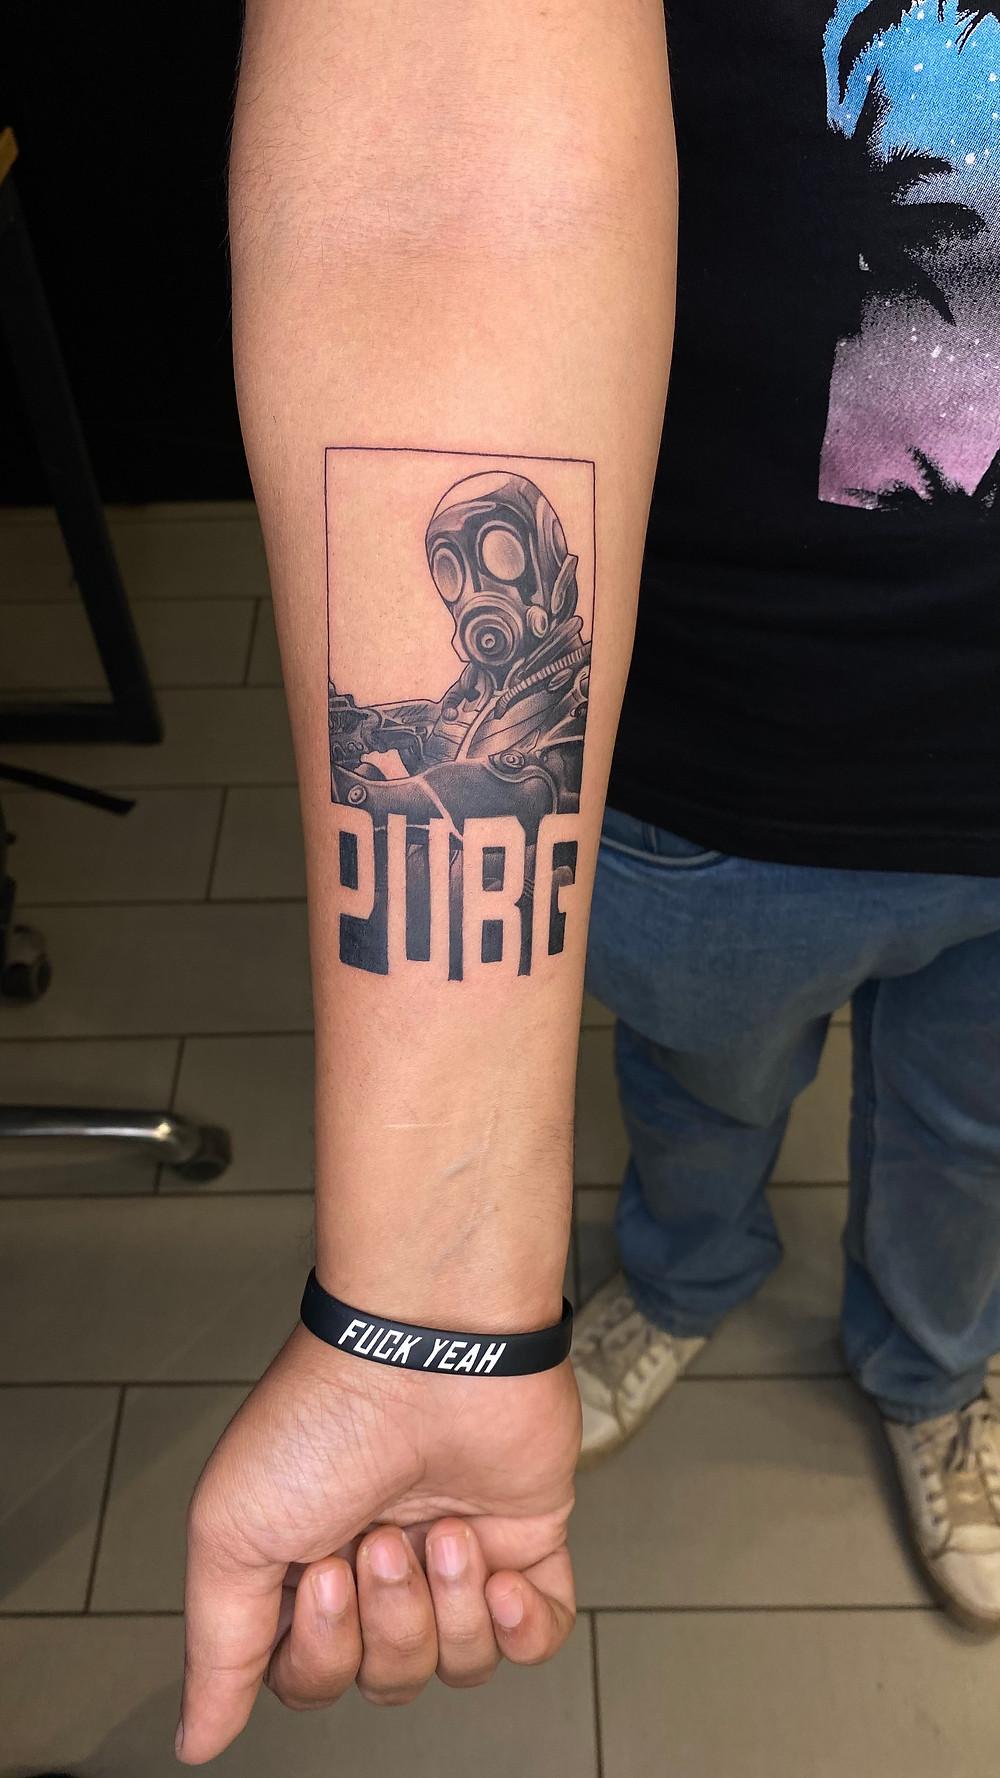 Tattoo Games : PUBG Tattoo on Arm